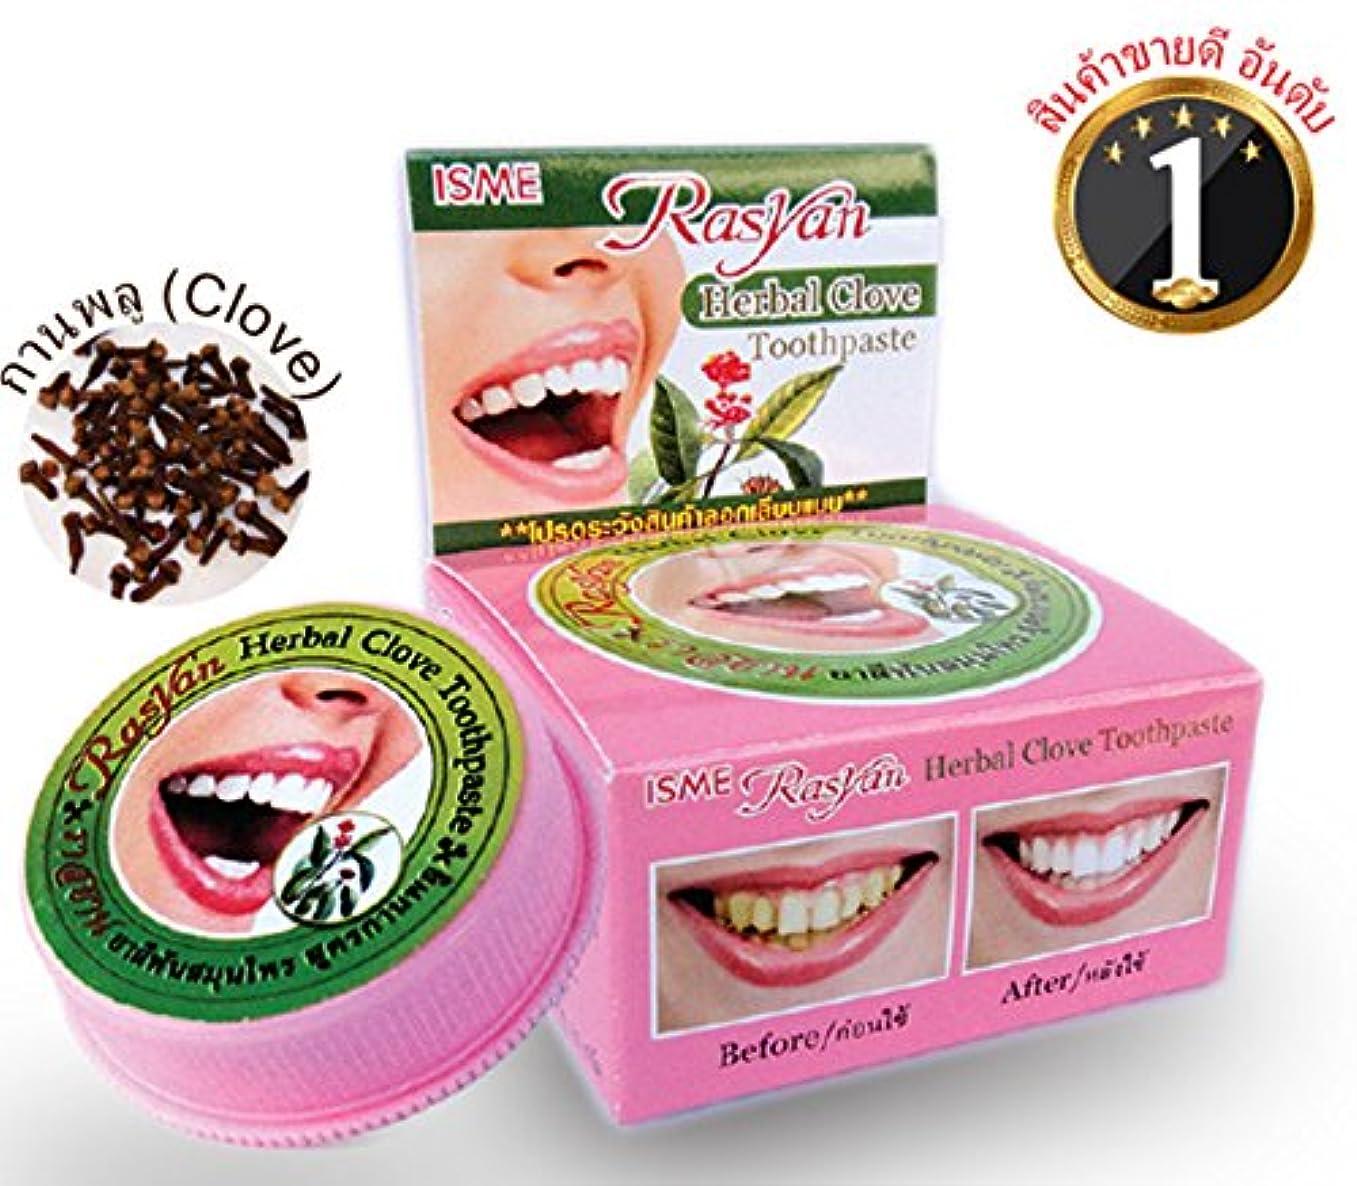 遺伝子ロック解除滝練り歯磨き ハーブ Thai Herbal Rasyan Herbal Clove Toothpaste (5 Gram Size) 2 Pcs.